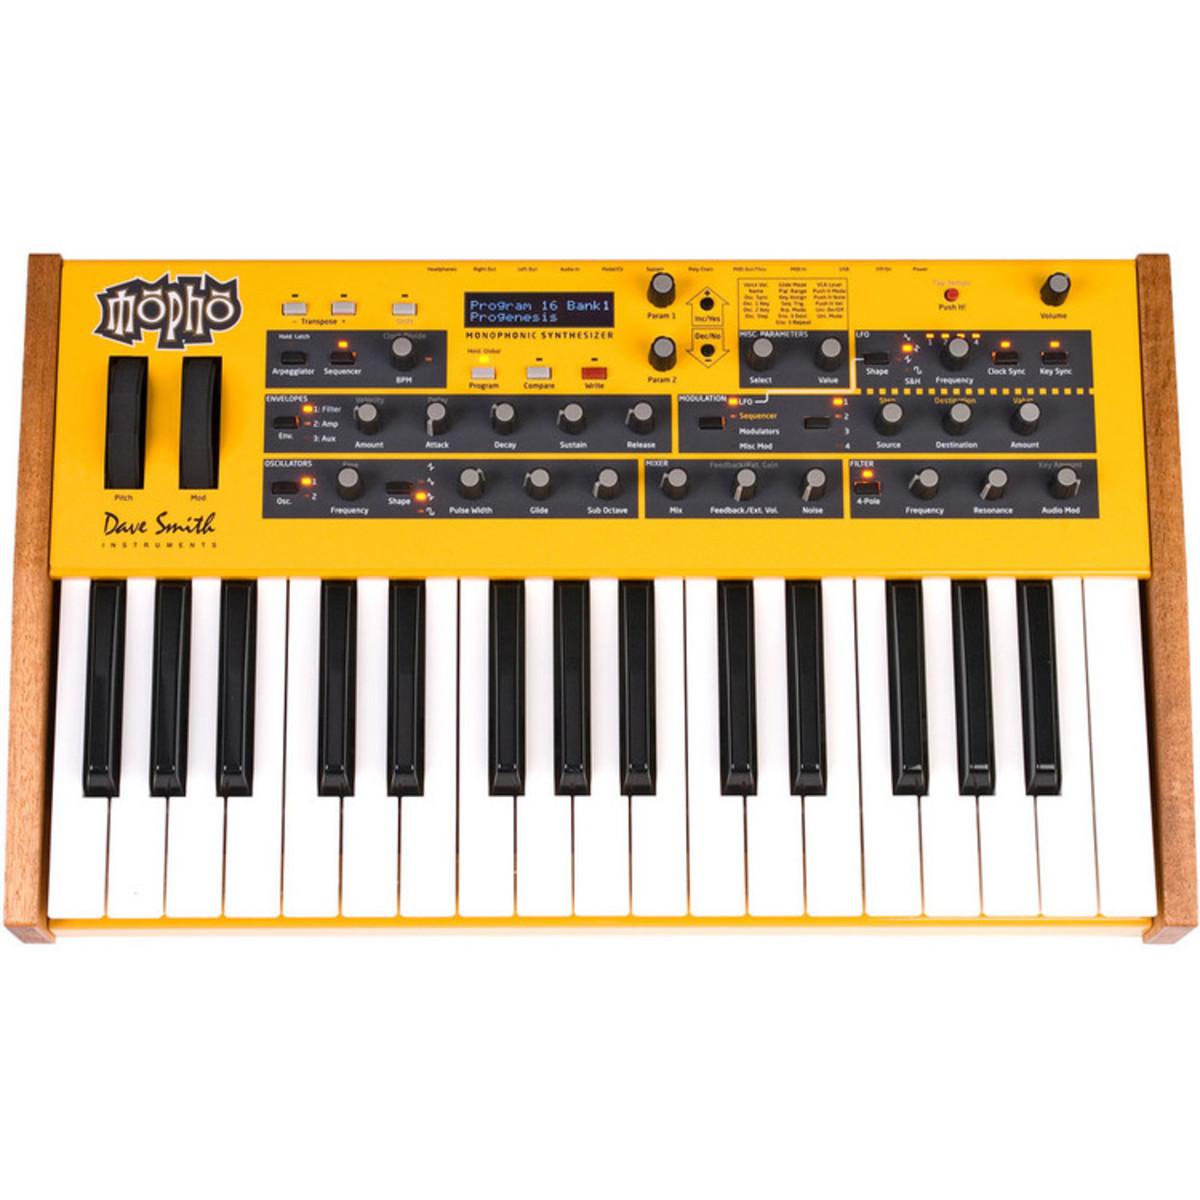 """Dave Smith Instruments """"Mopho"""" - Analoger Synthesizer Produktbild (Quelle Hersteller), nicht mehr erhältlich"""